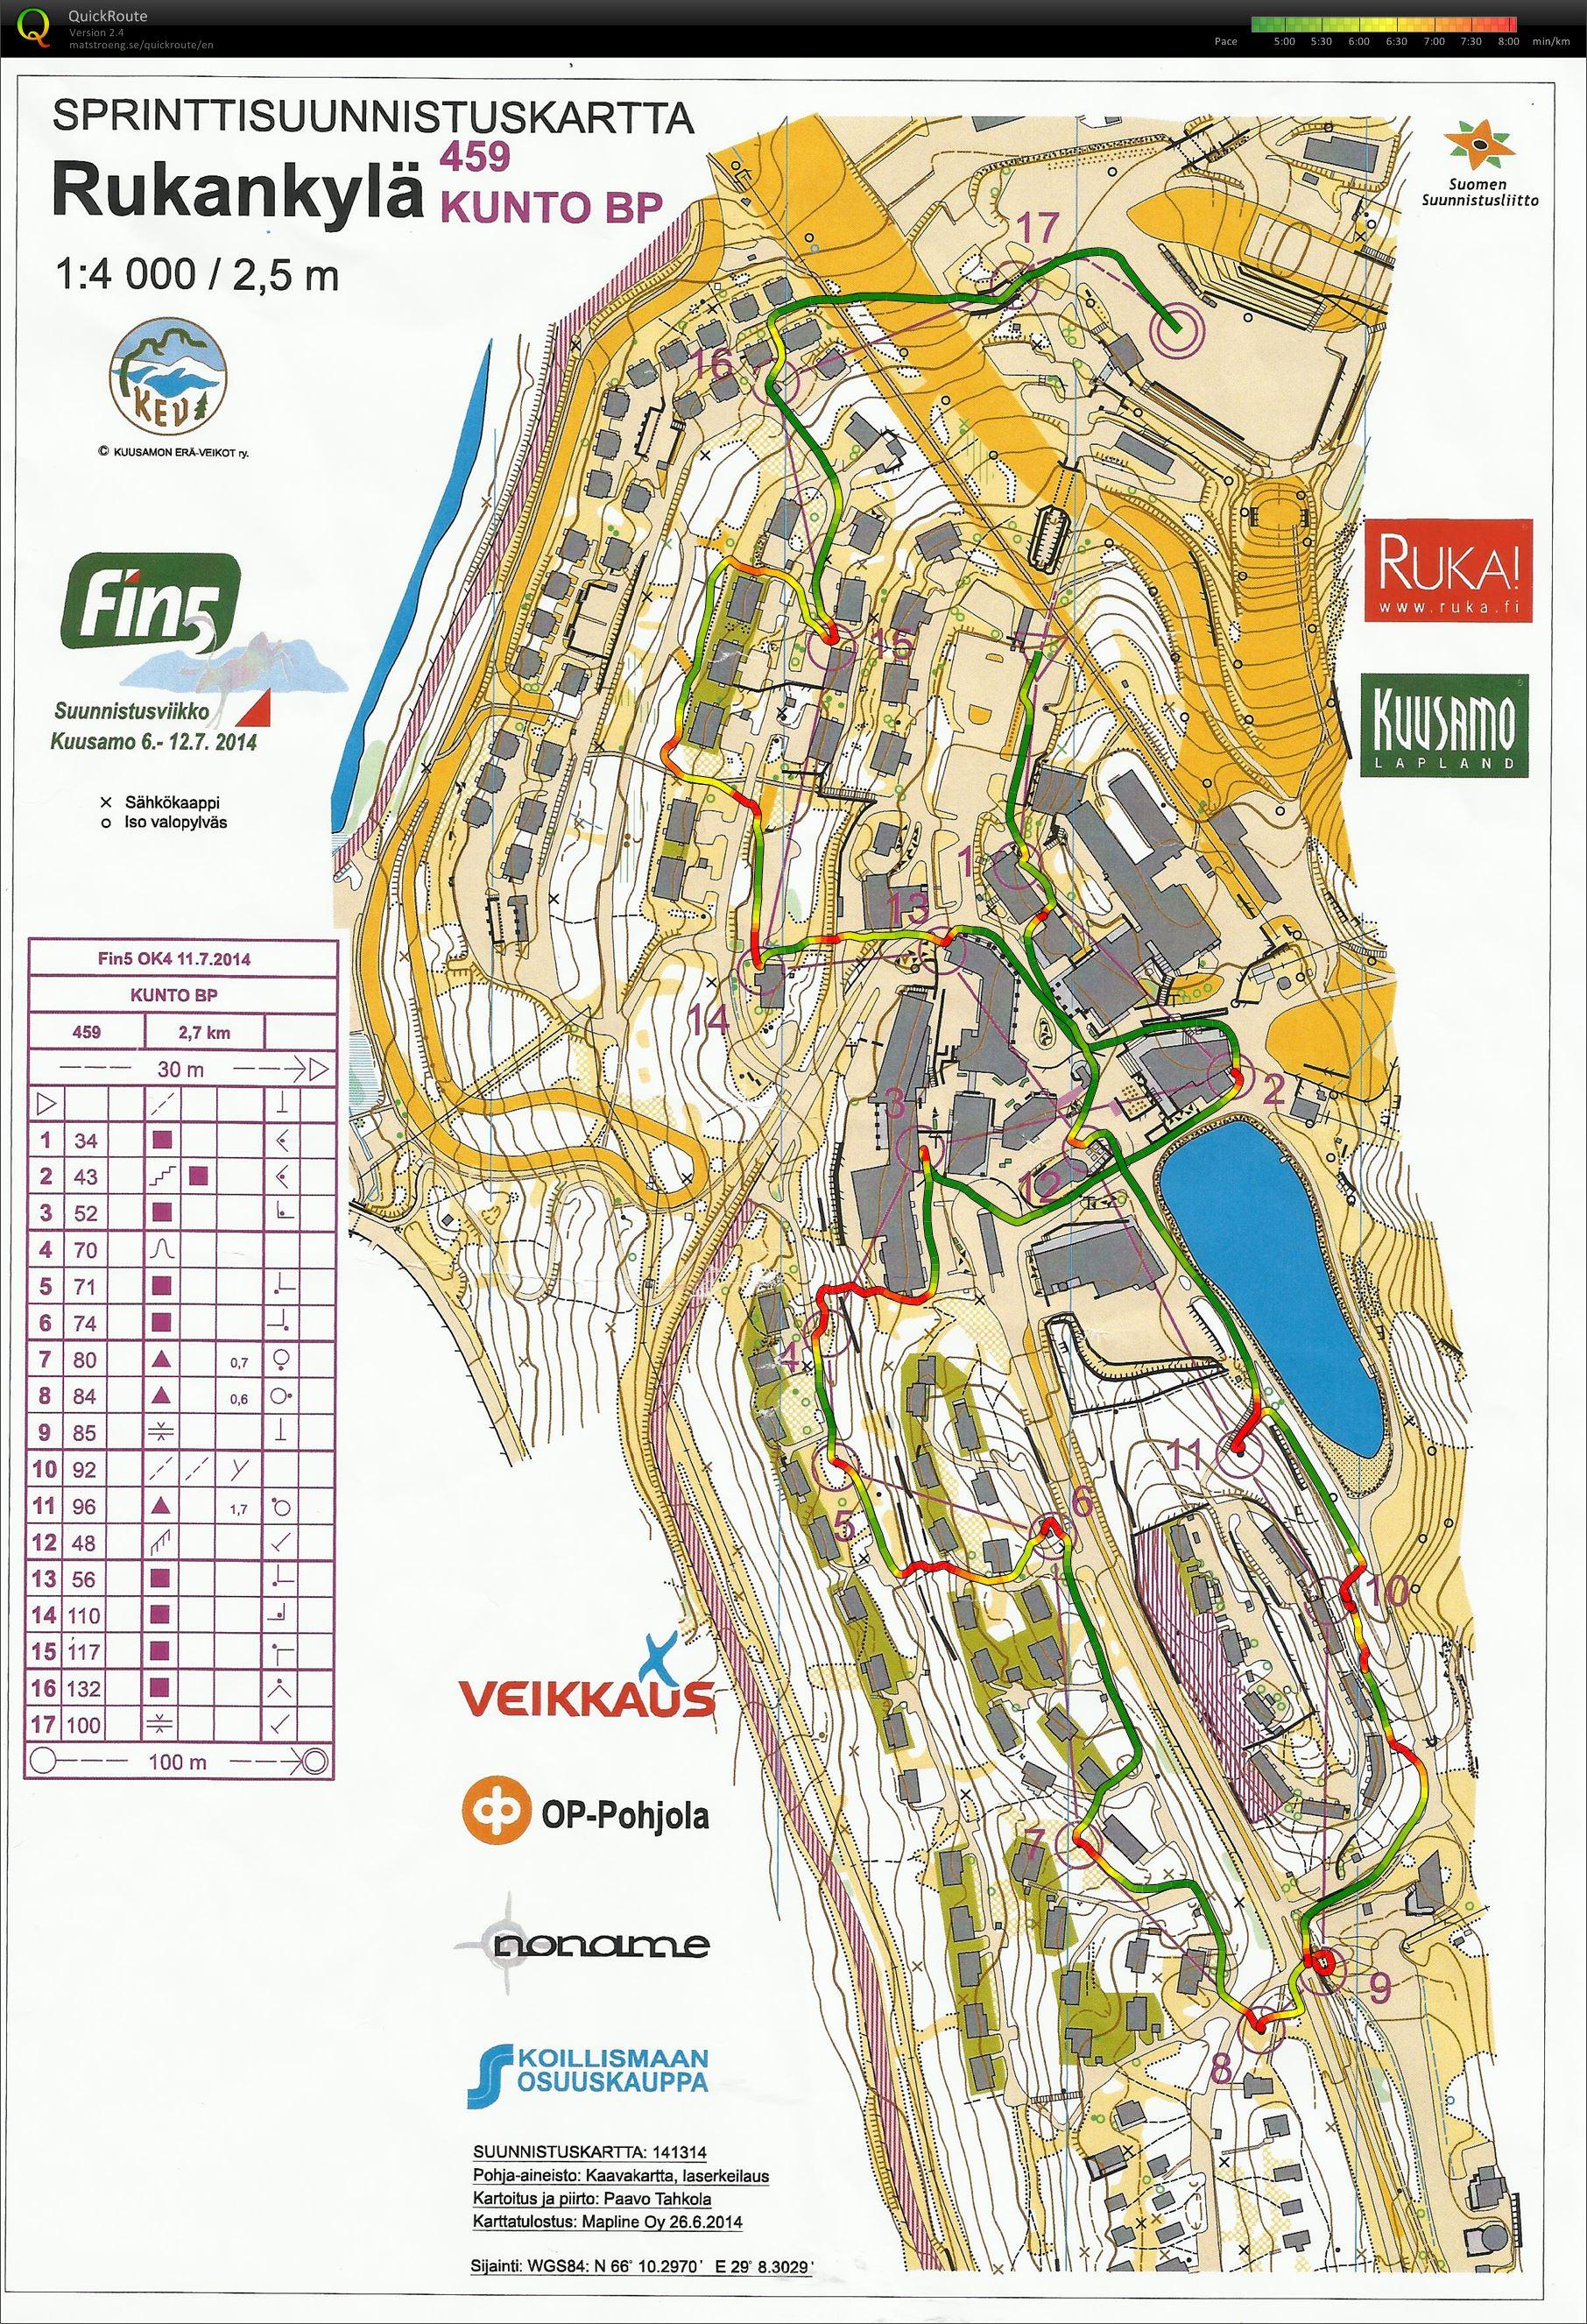 FIN5 OK4 Rukankylä Sprintti (11/07/2014)